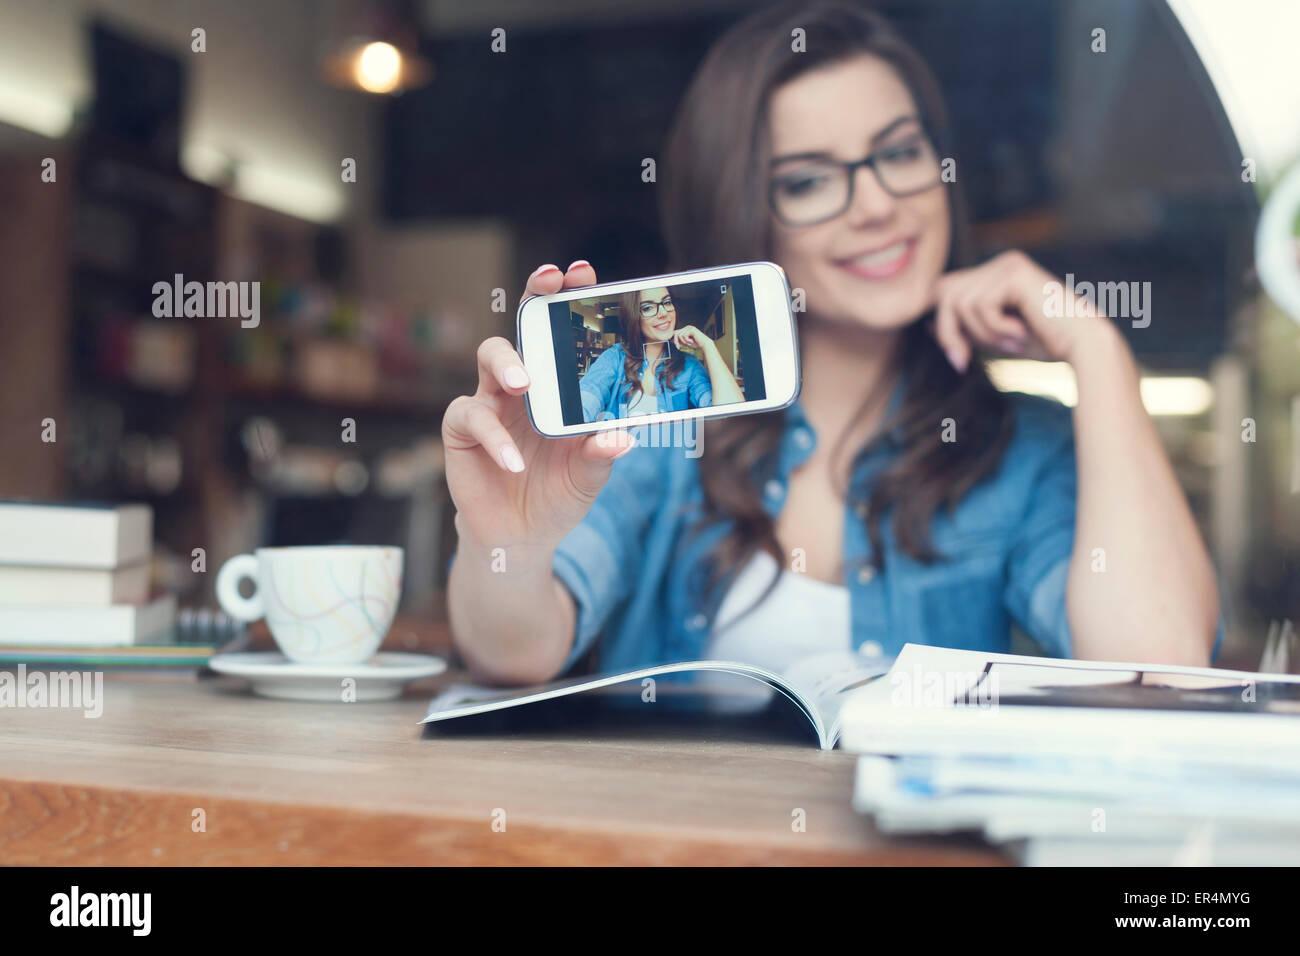 Donna attraente tenendo ritratto di auto dal telefono cellulare. Cracovia in Polonia Immagini Stock